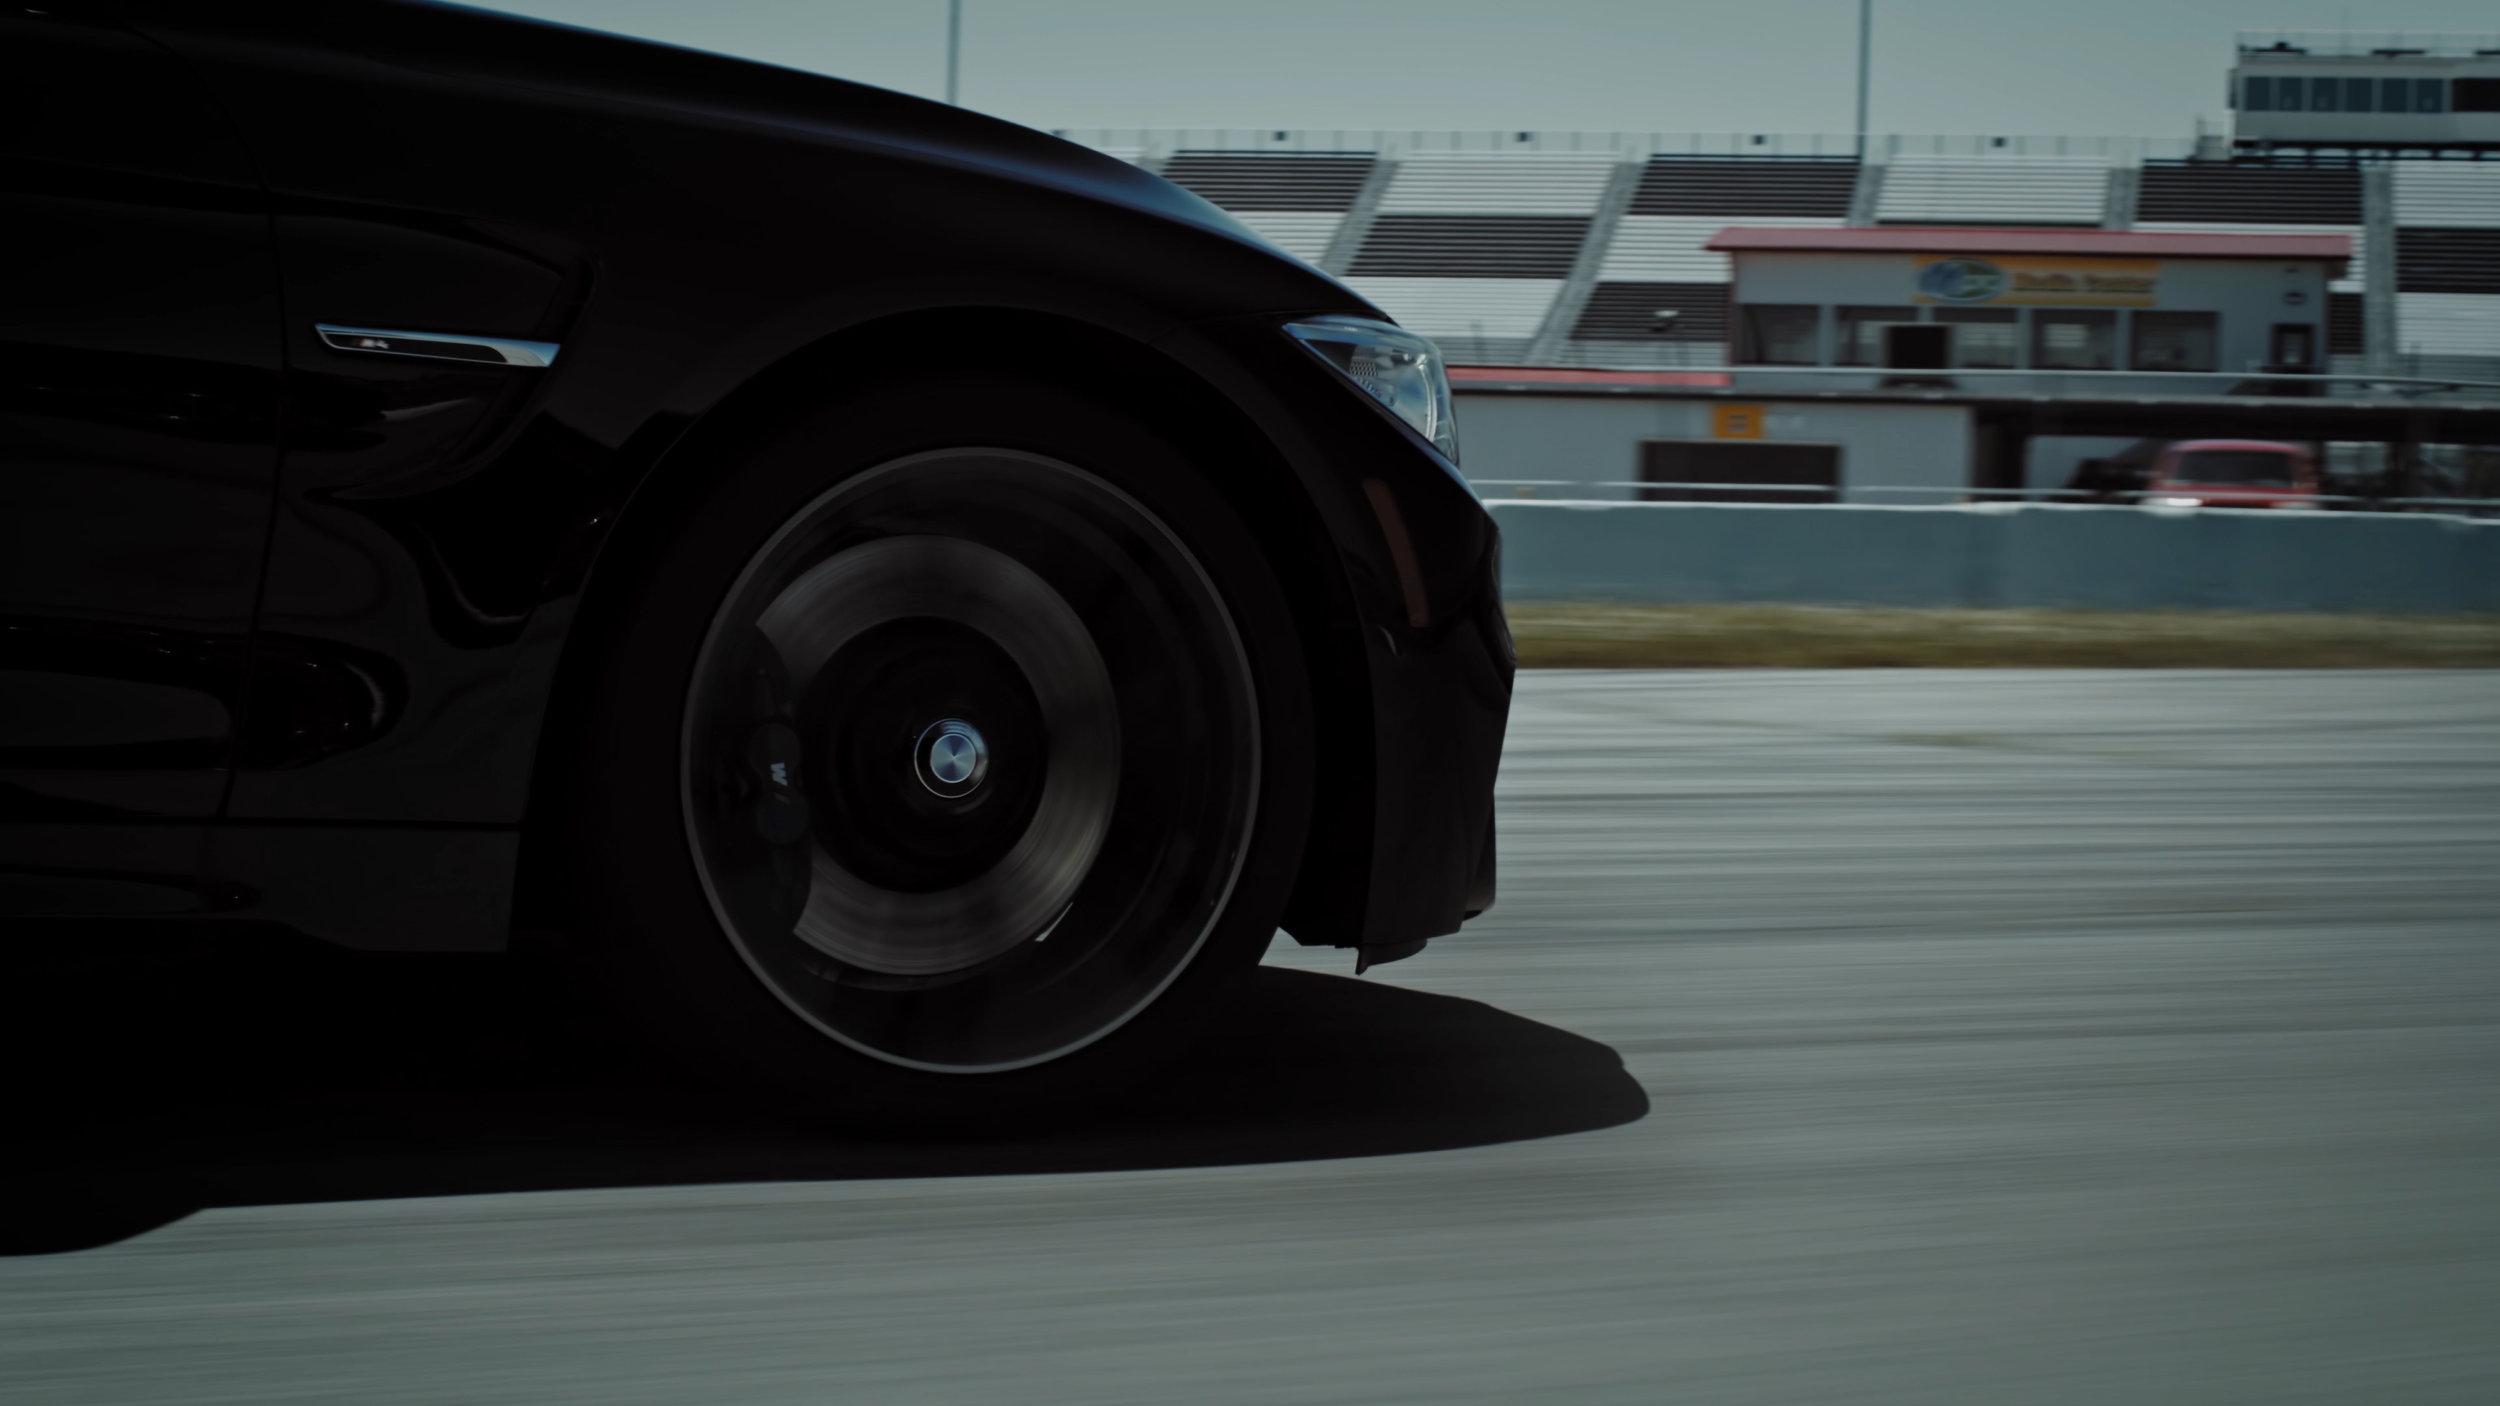 Autohaus BMW Culture 4K Final 3.00_01_46_13.Still024.jpg